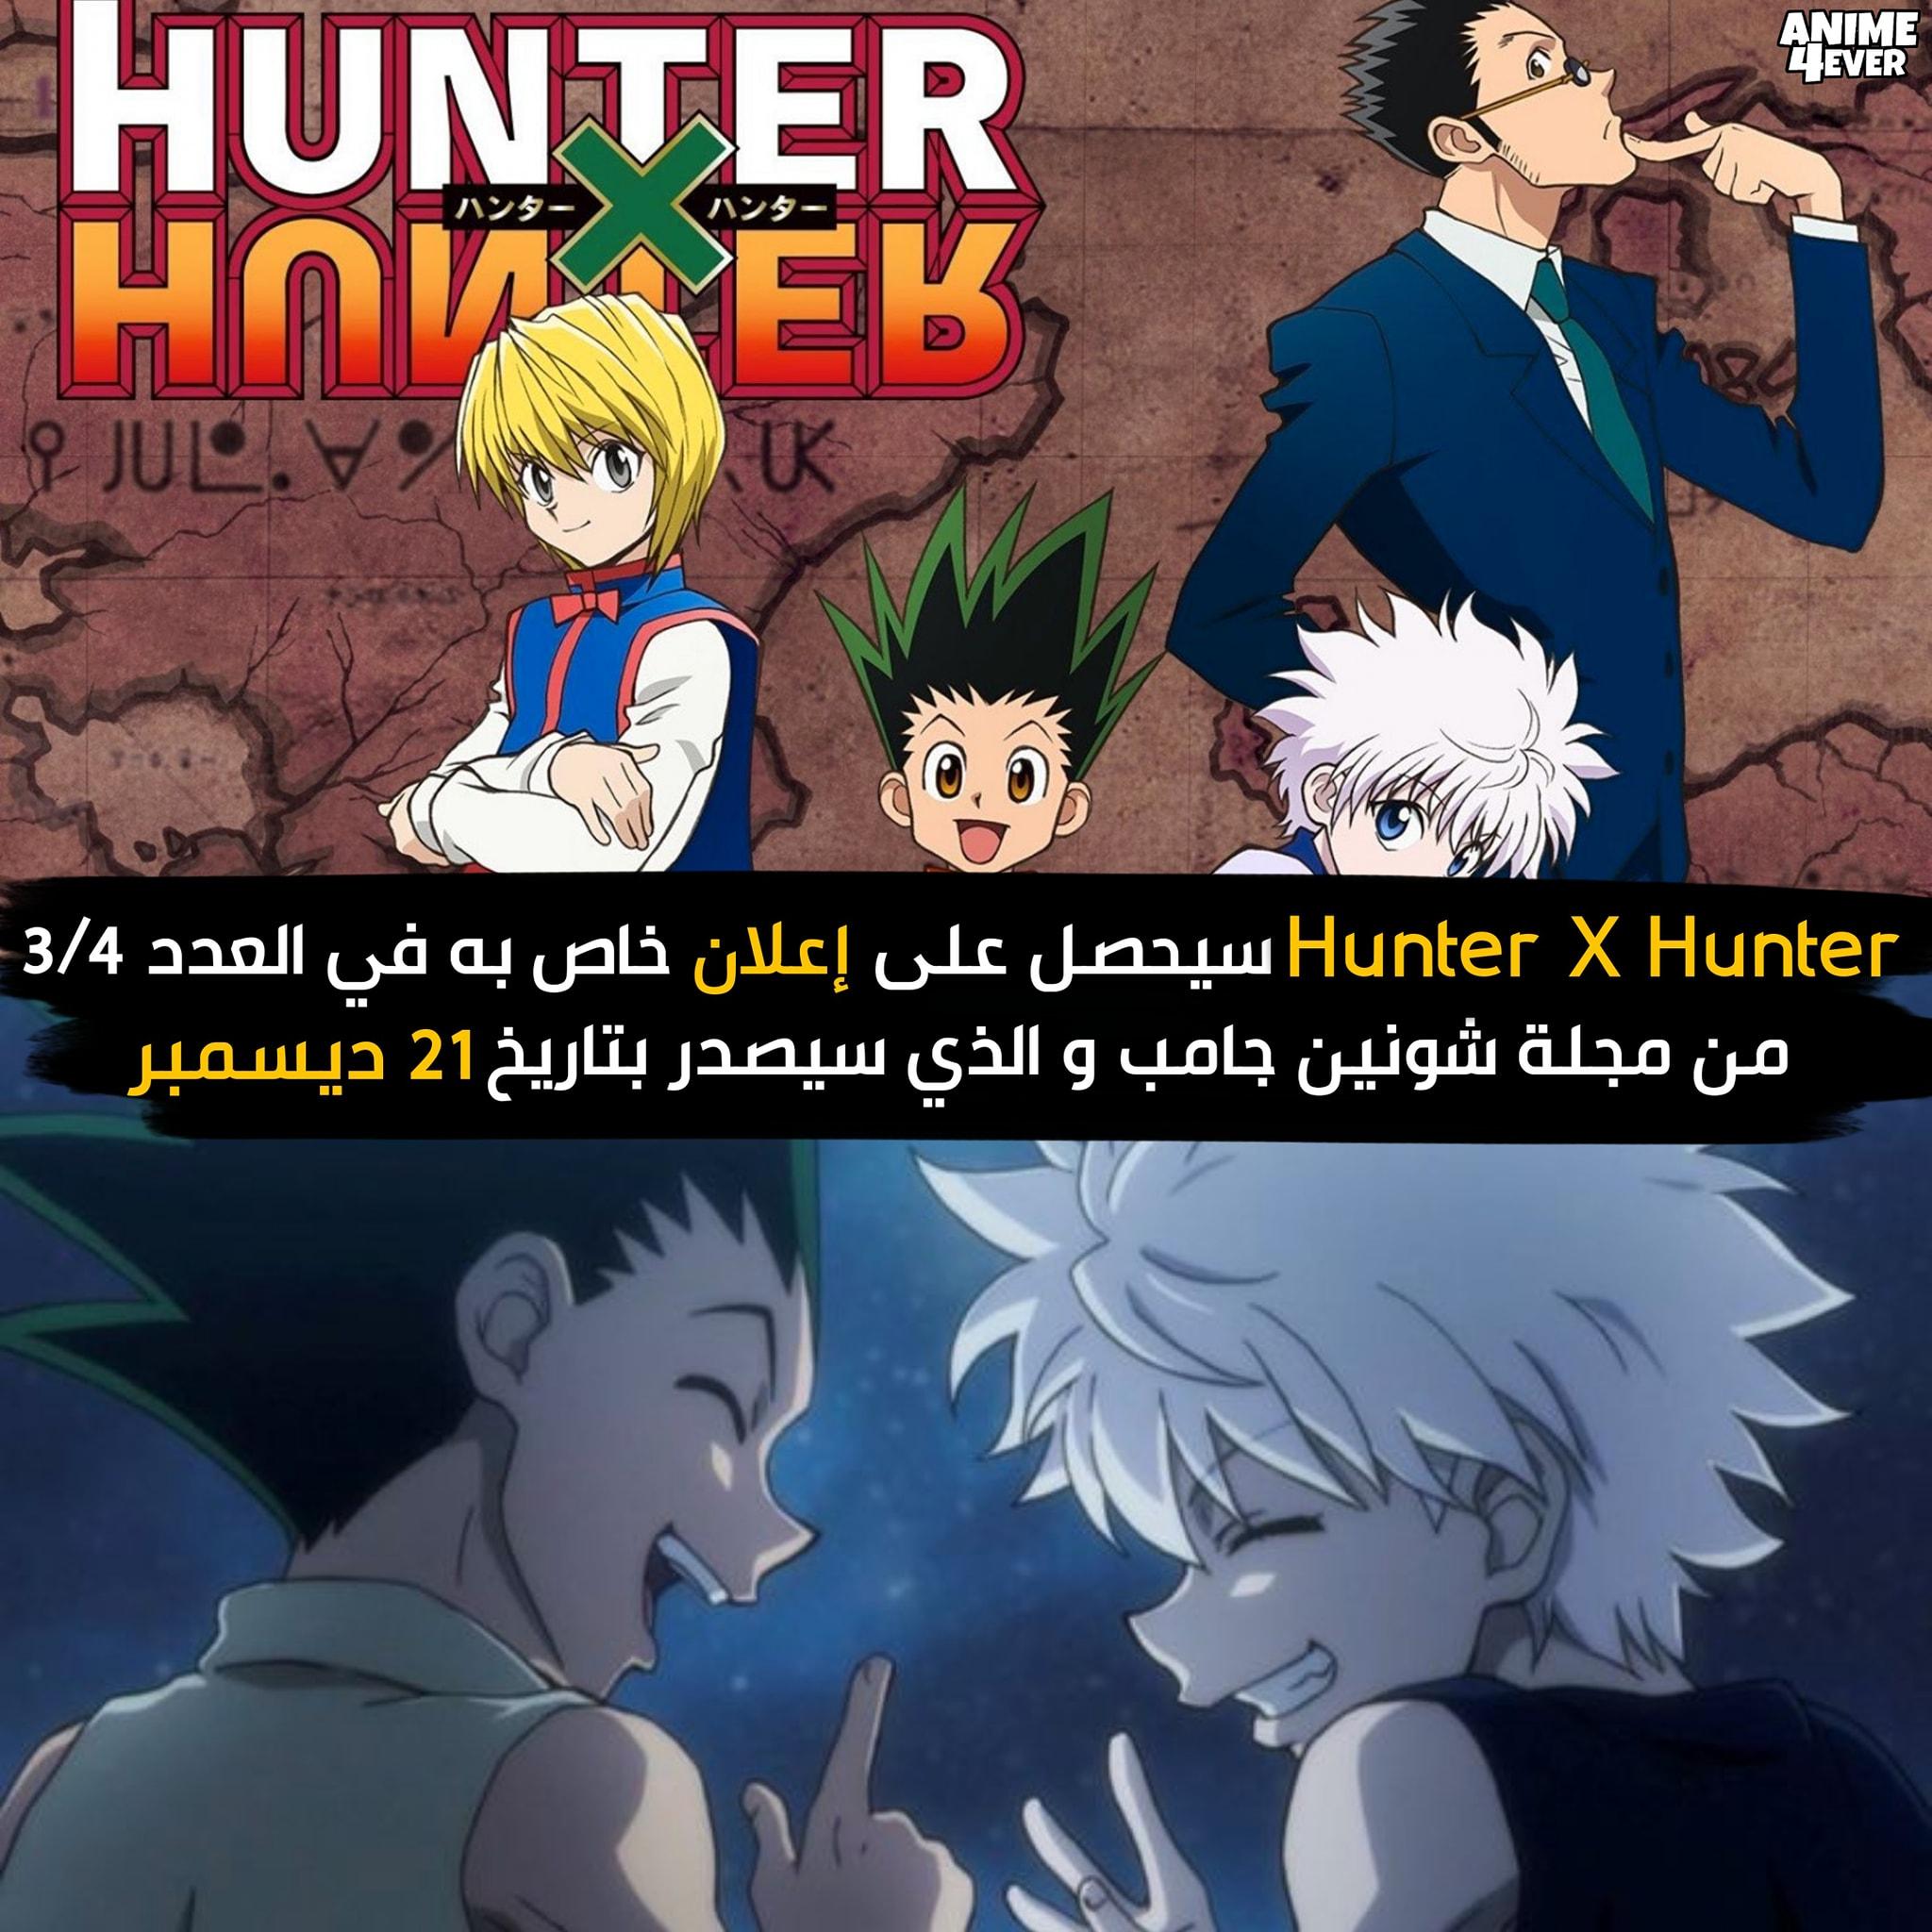 هل سيعود انمي هانتر اكس هانتر Hunter X Hunter في سنة 2021 اخر اخبار انمي القناص